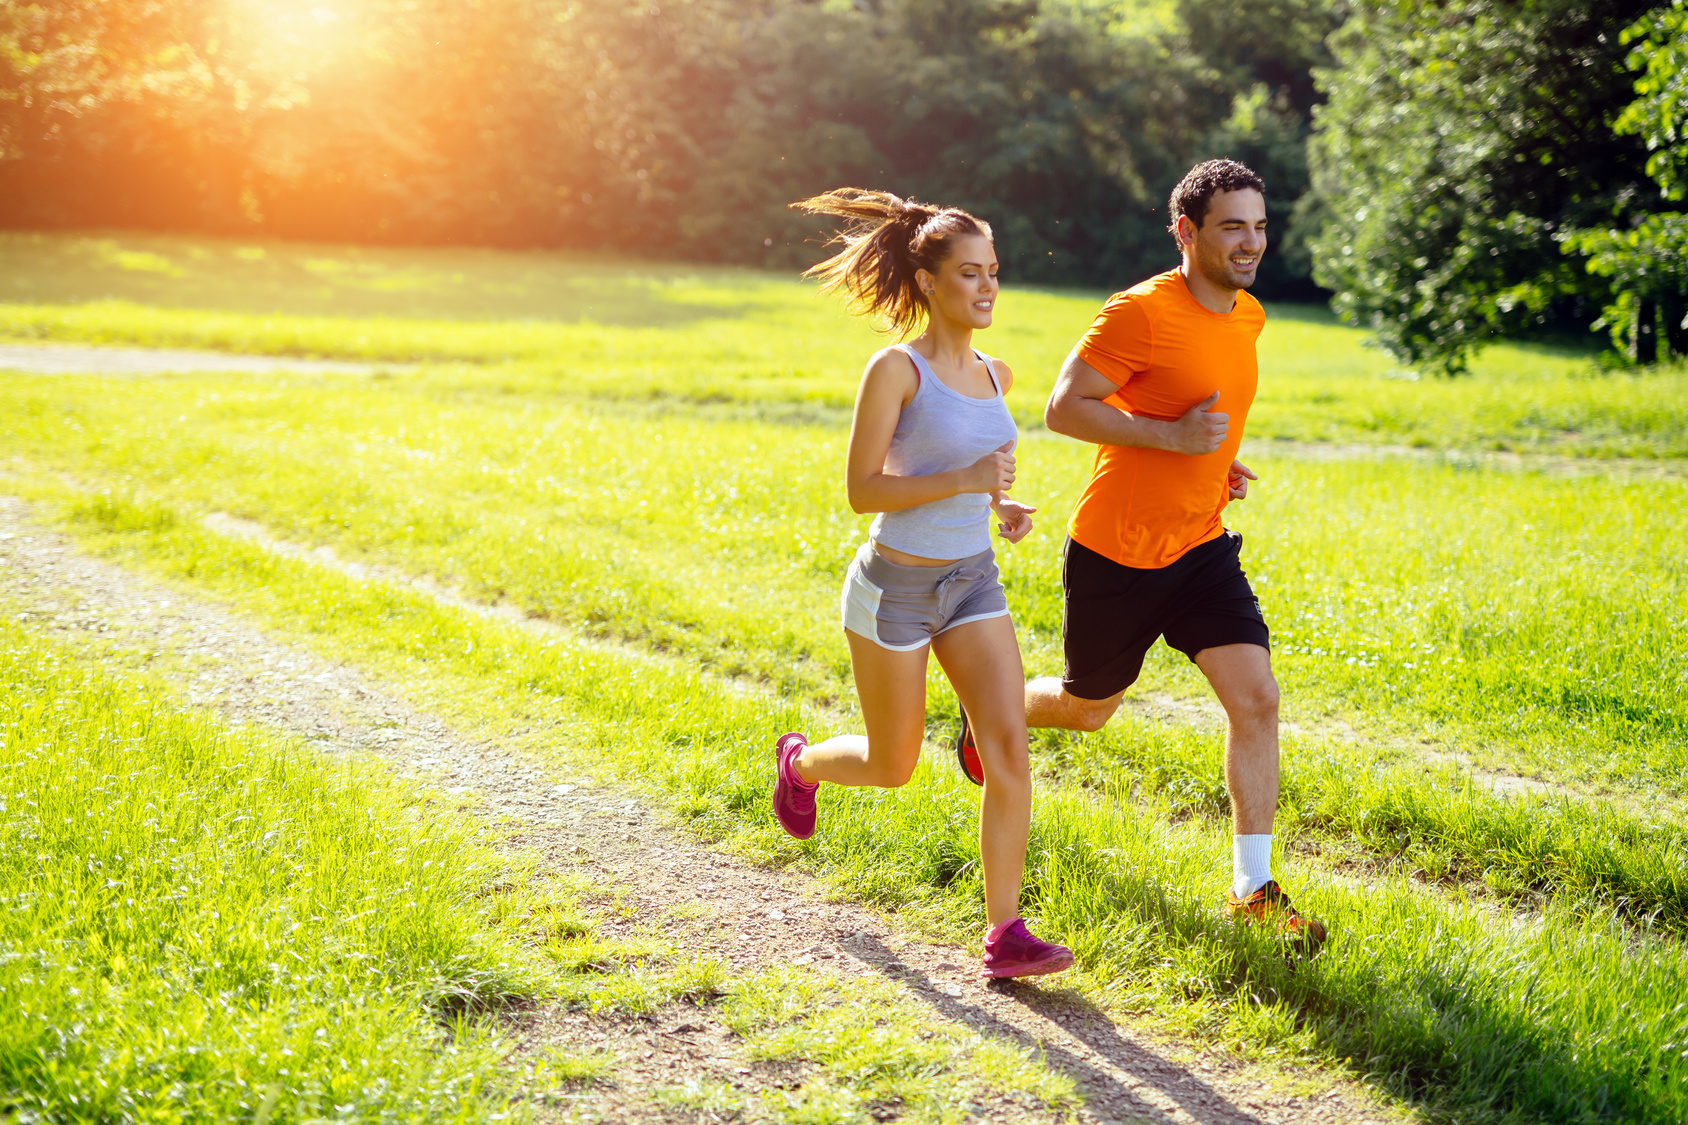 récupération muscle après sport